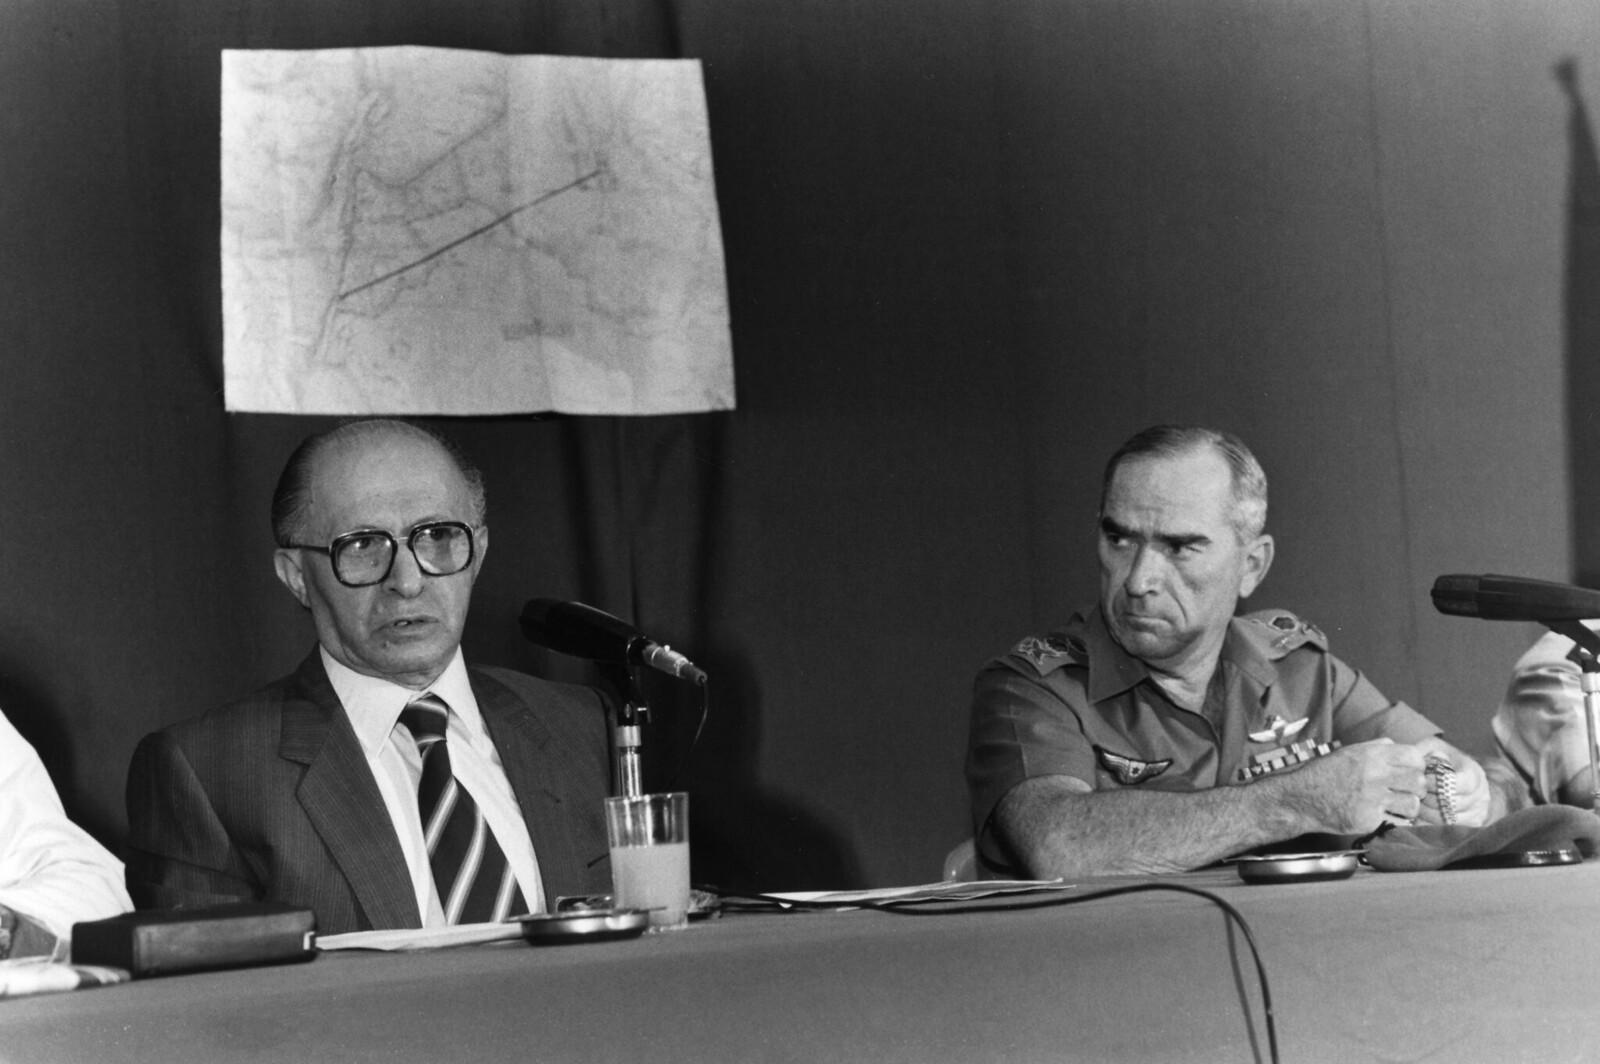 1981. Премьер-министр Менахем Бегин и генерал Рафаэль Эйтан, начальник штаба израильской армии, объясняются на следующий день после израильского налета на иракскую атомную электростанцию Озирак-Таммуз 9 июня в Иерусалим